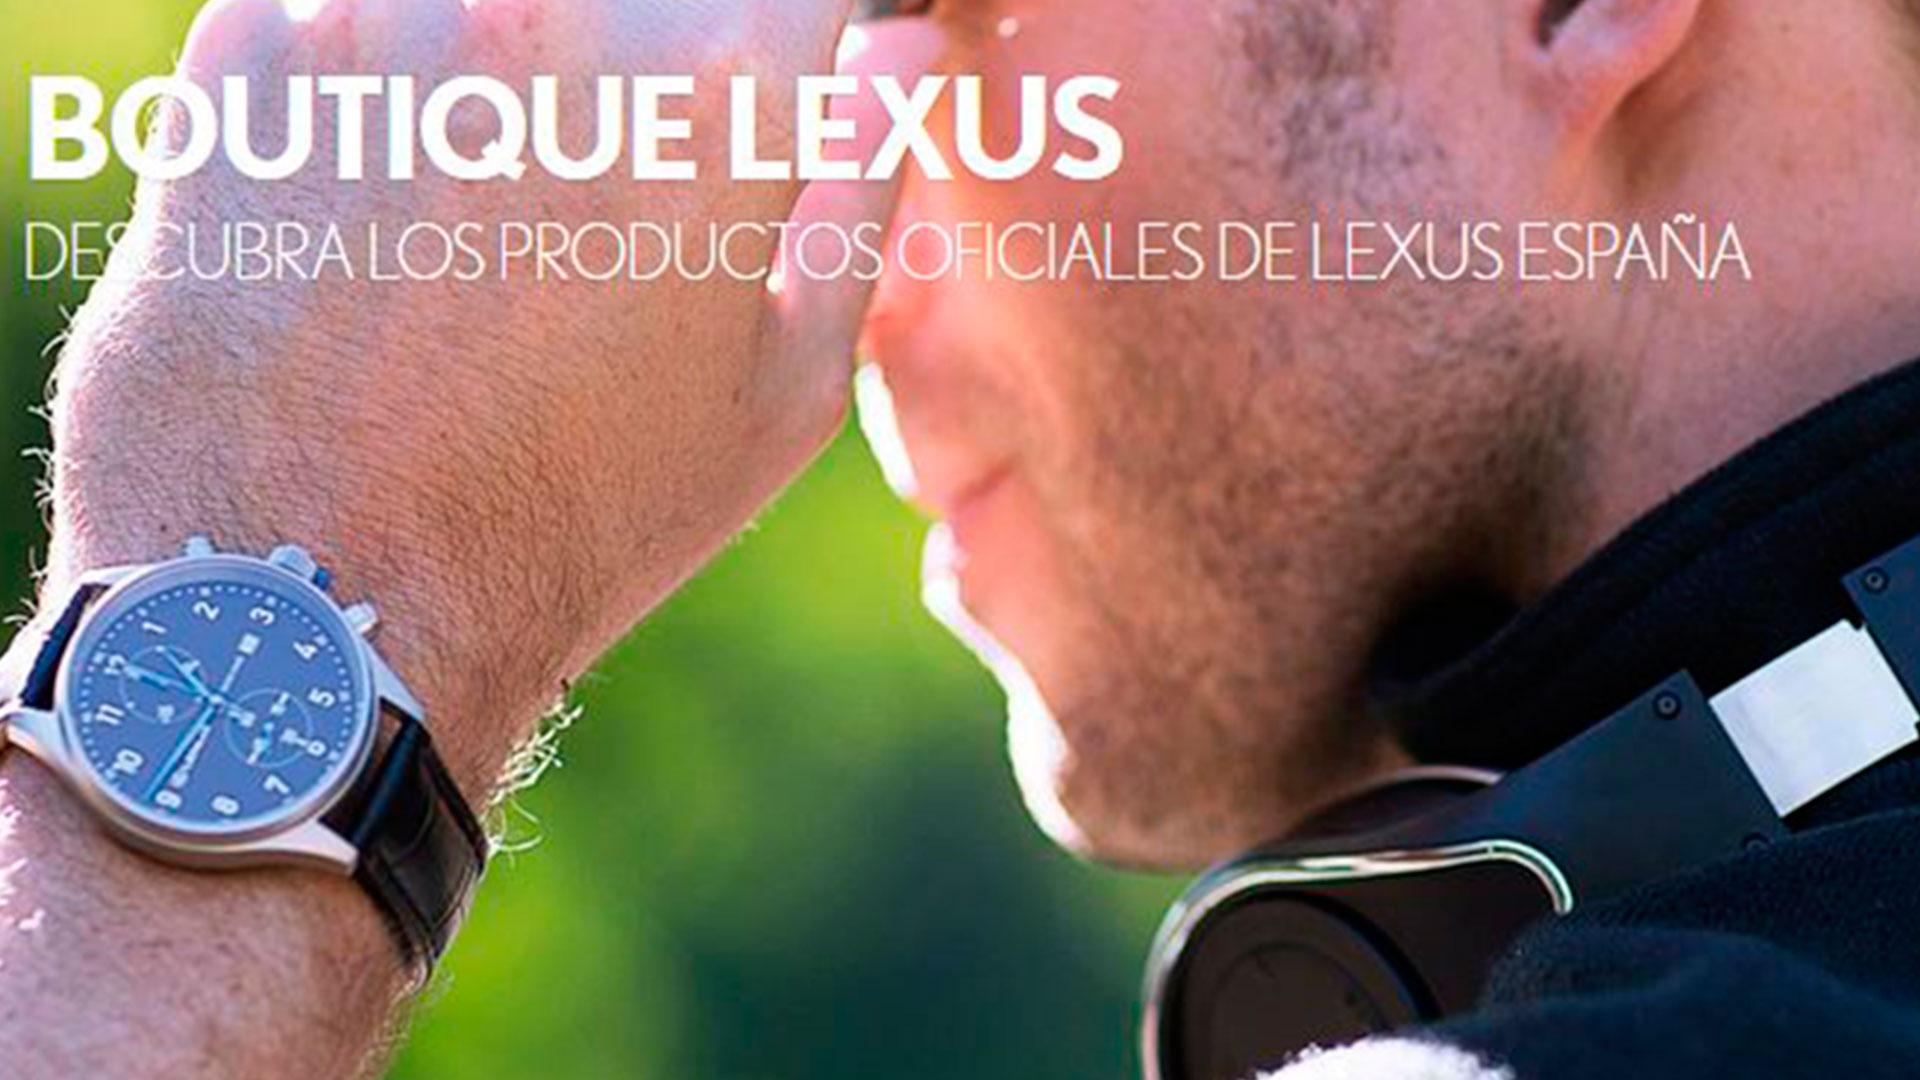 Nueva Boutique Lexus 1 0 hero asset